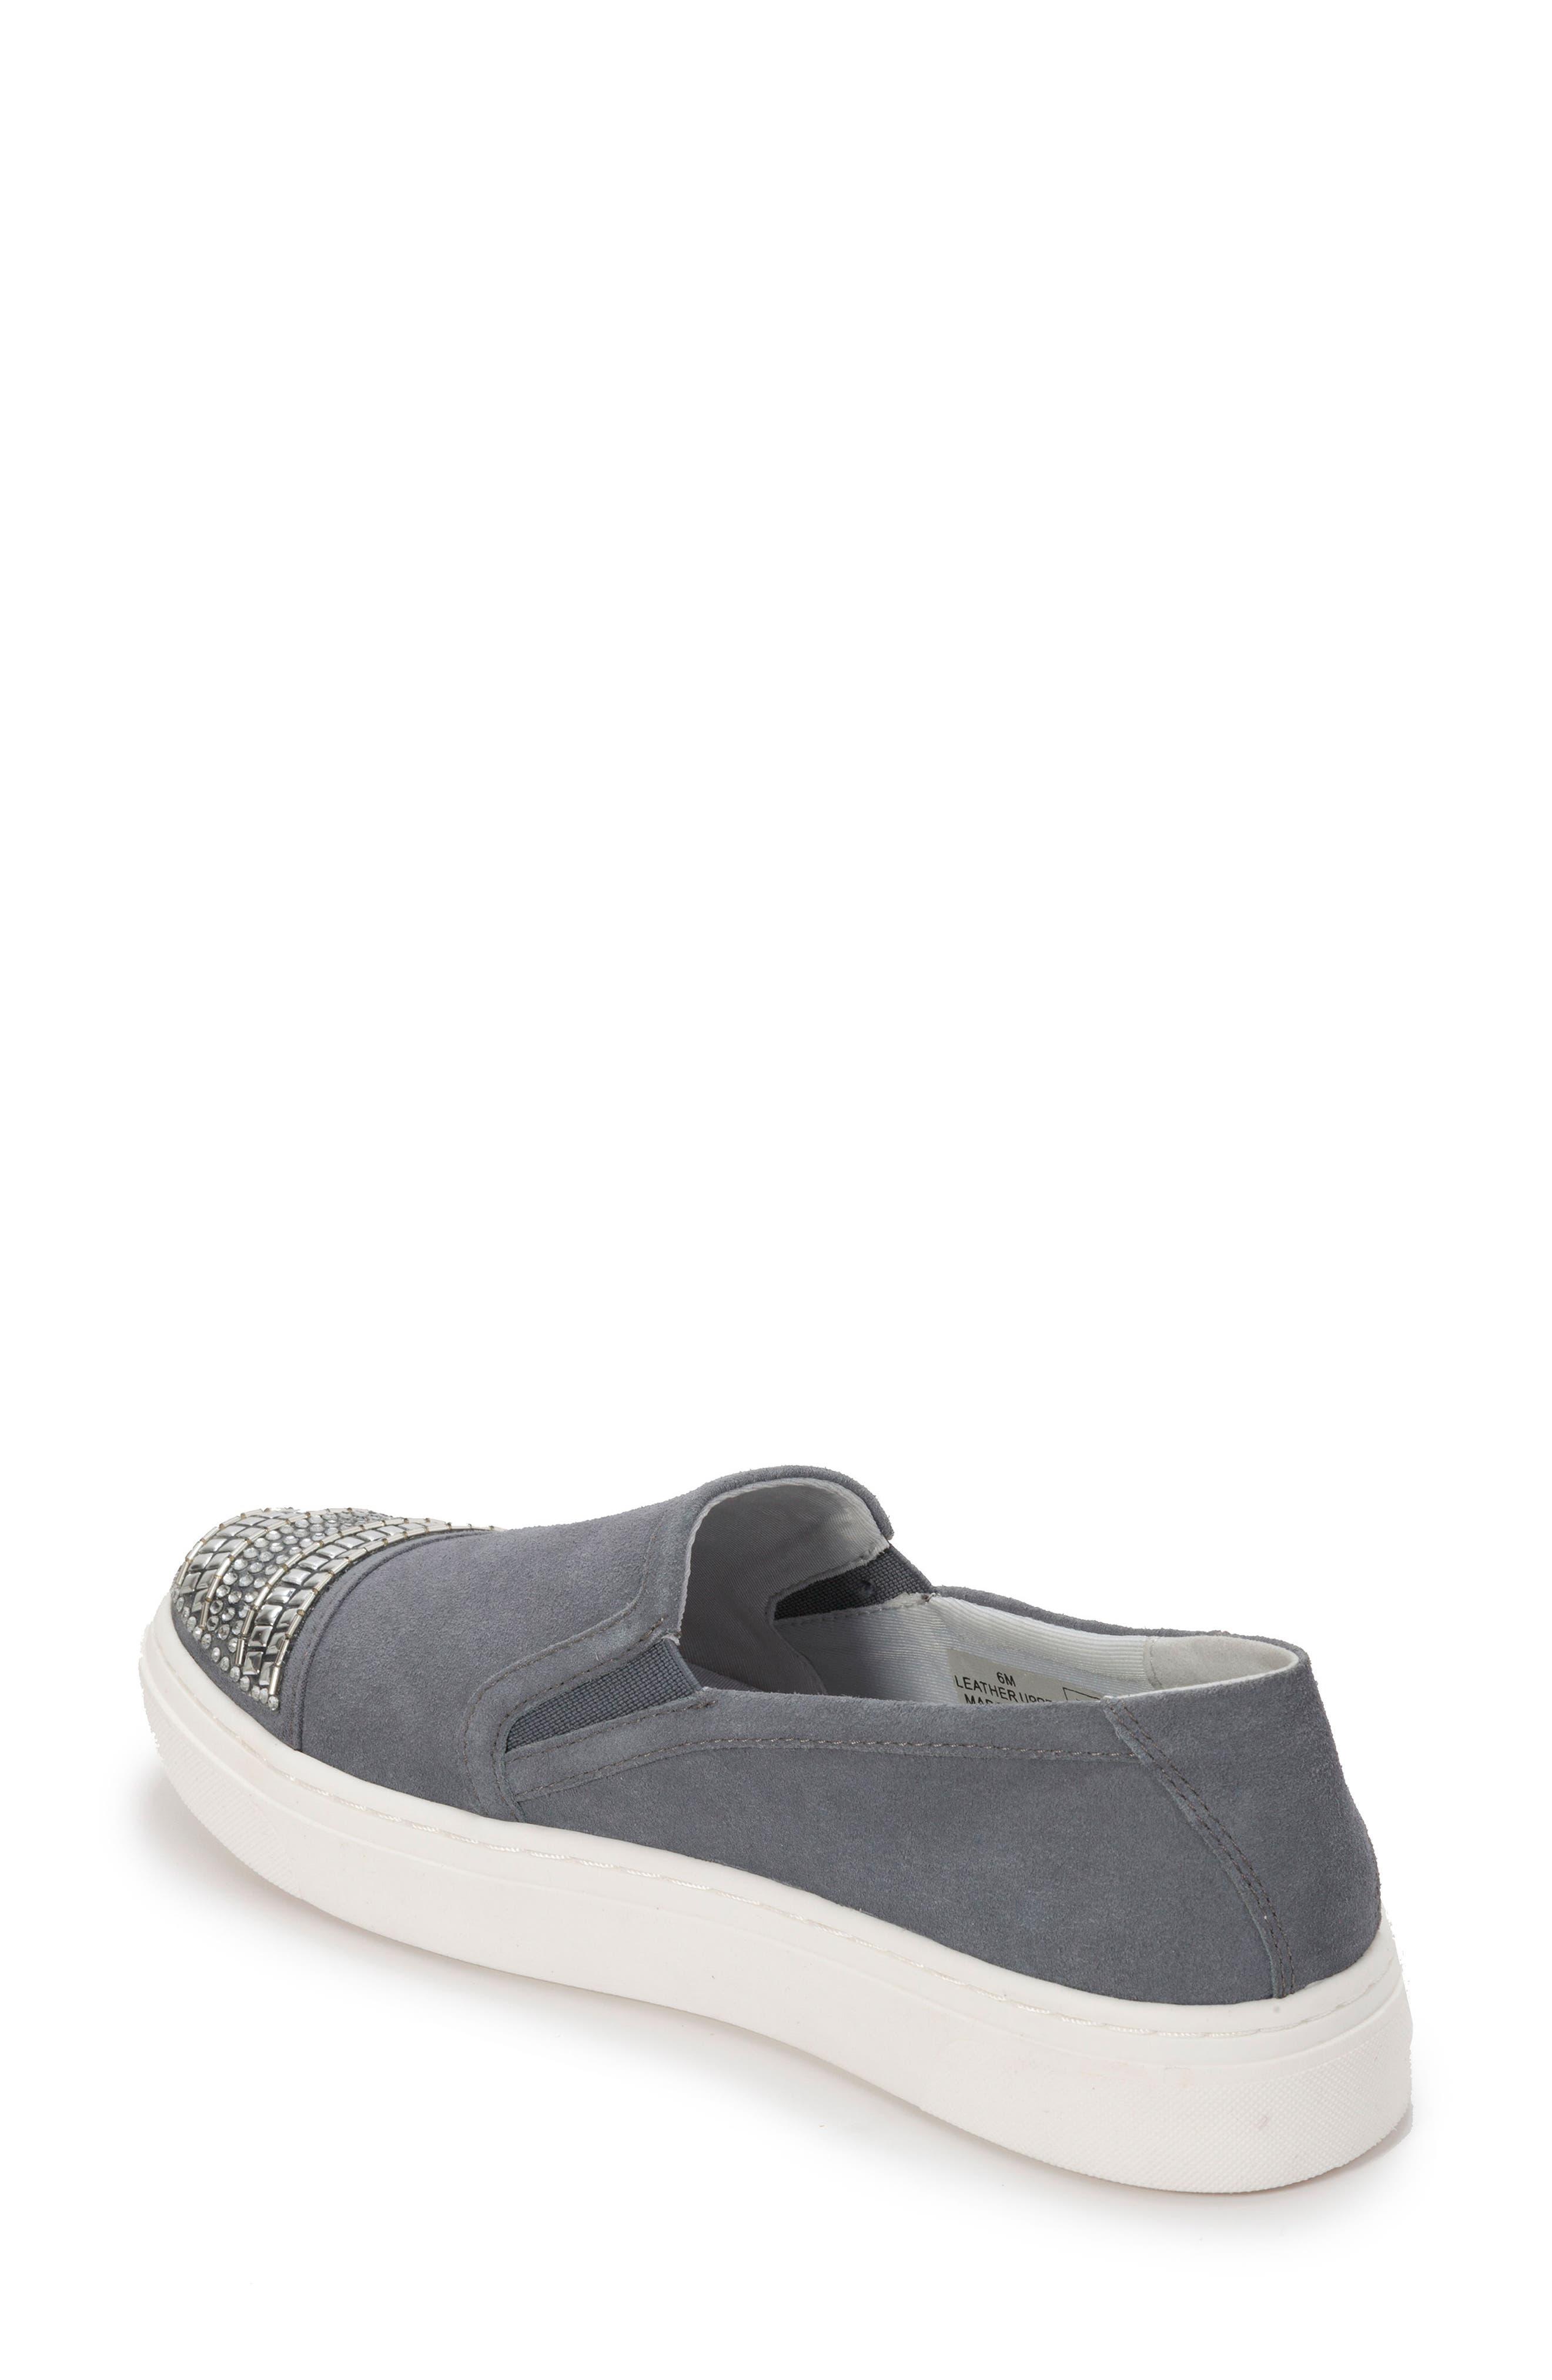 Finley Slip-On Sneaker,                             Alternate thumbnail 2, color,                             DENIM BLUE SUEDE